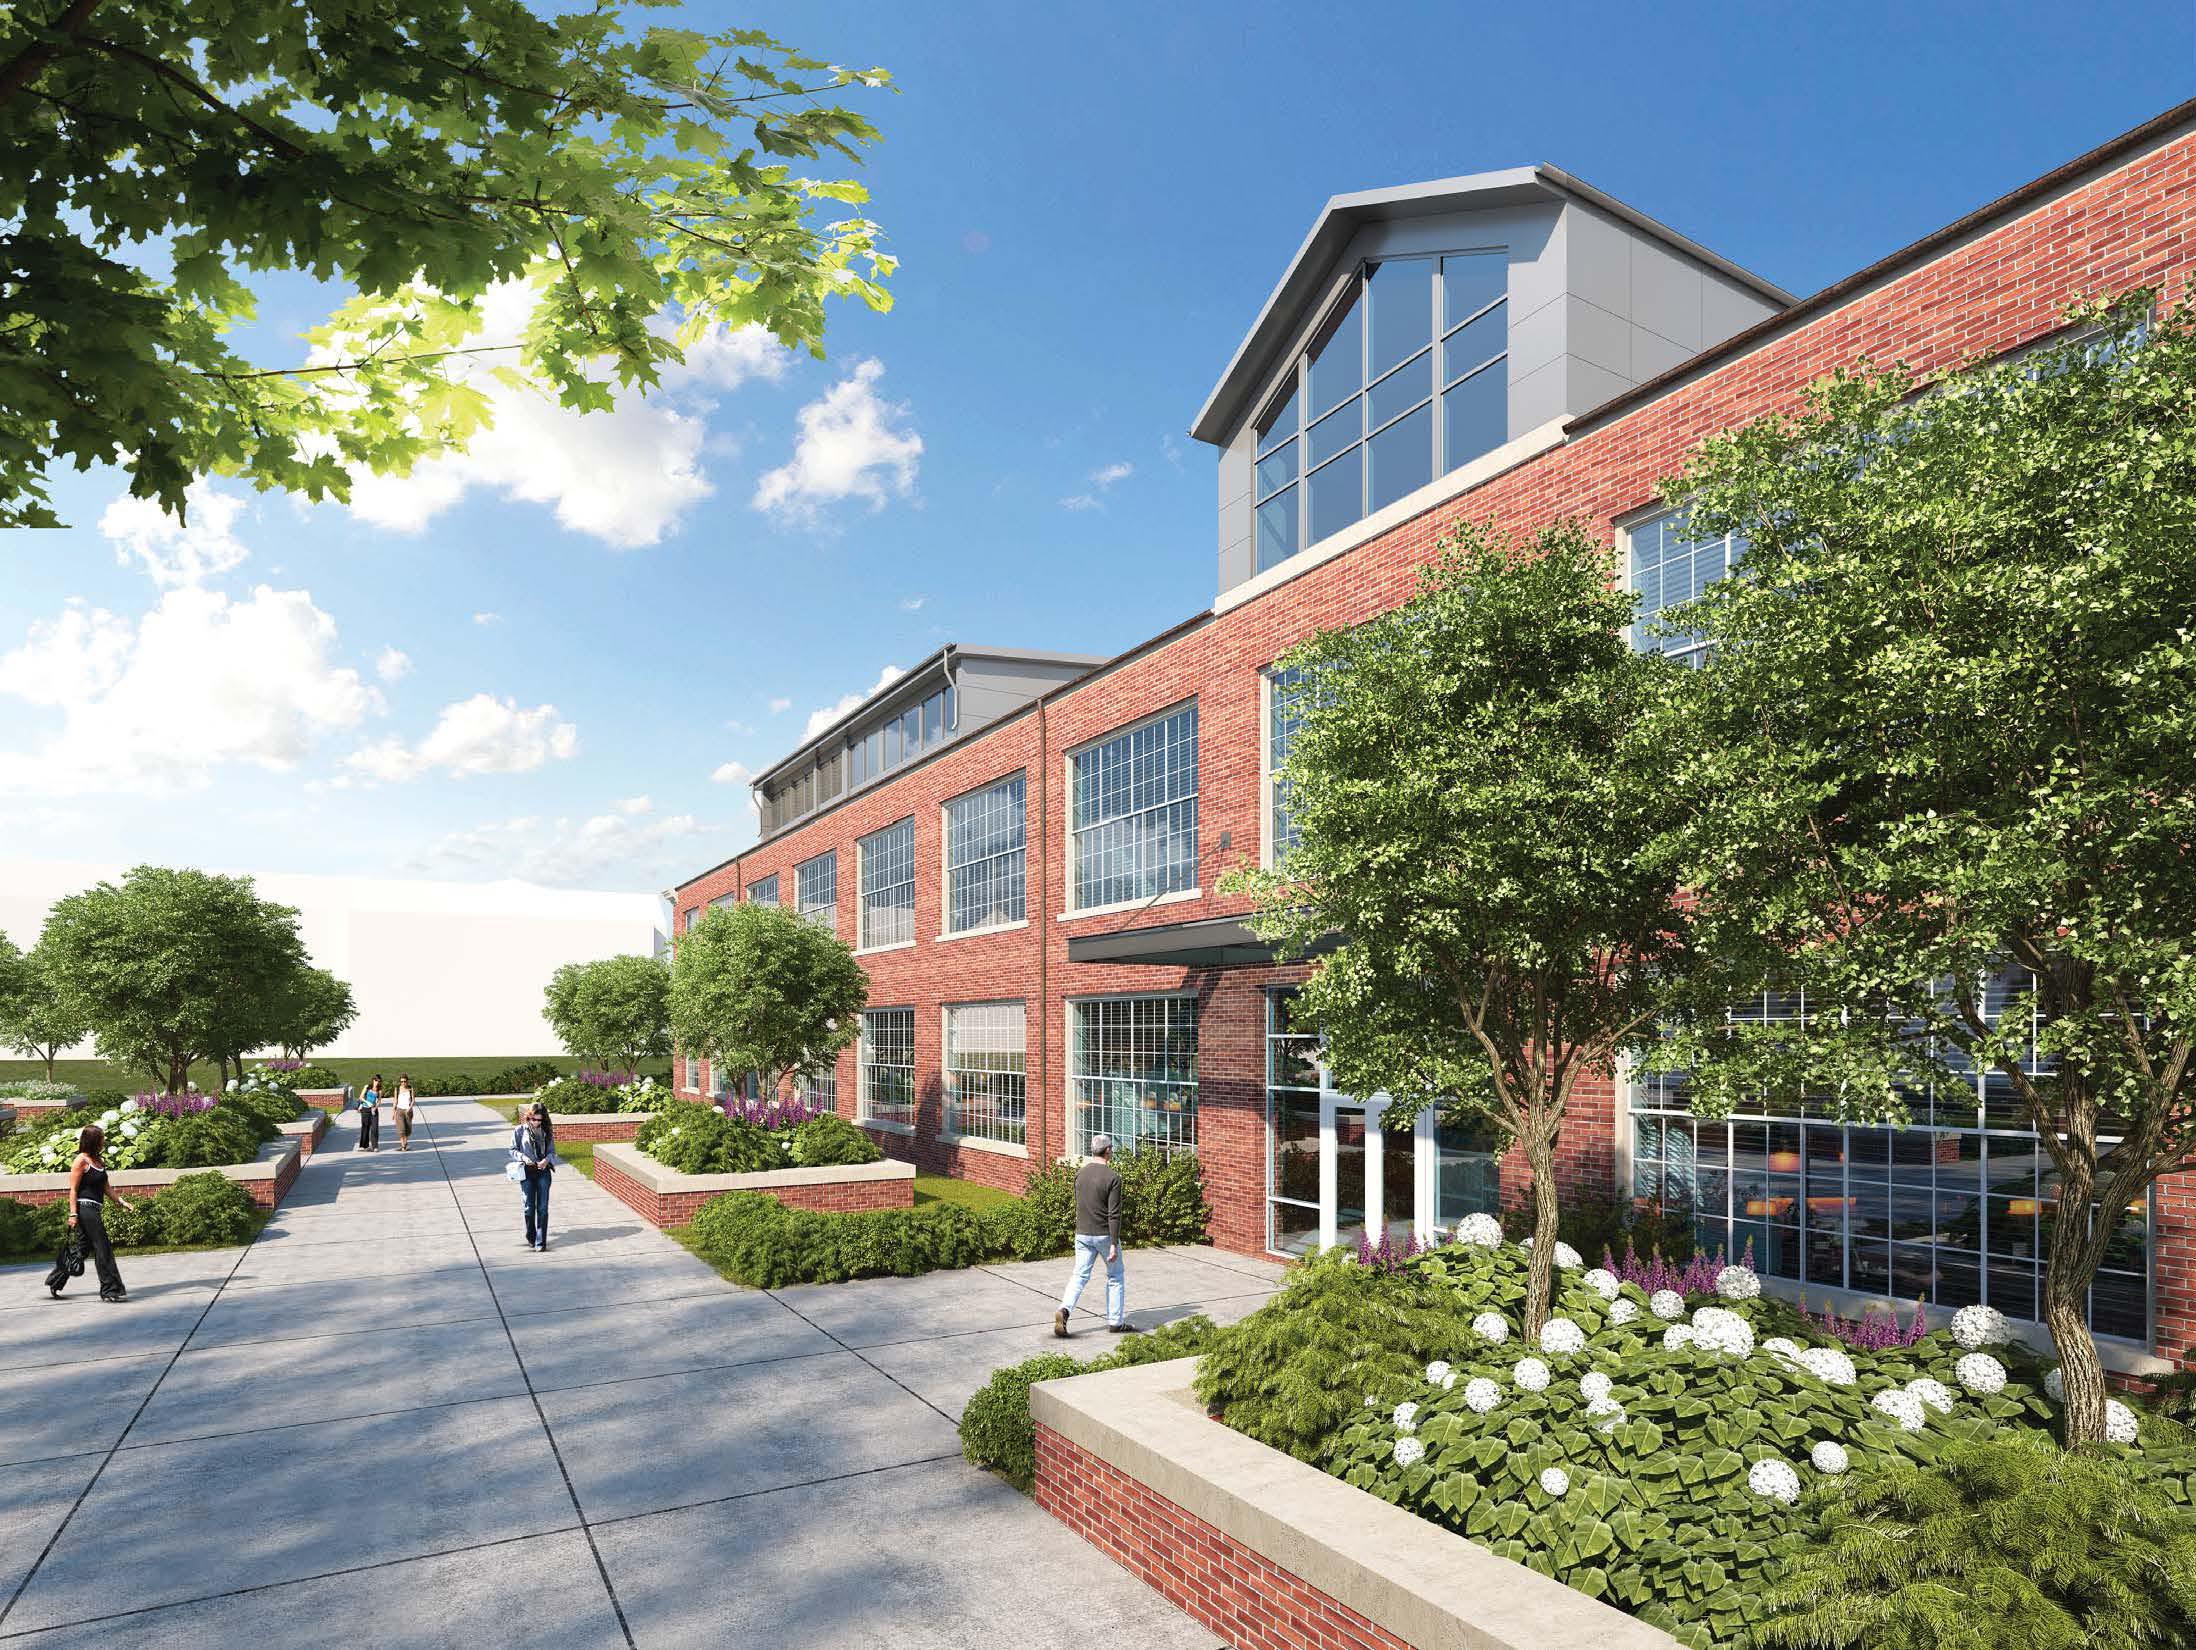 Auburn University making Alabama 'go-to place' for additive